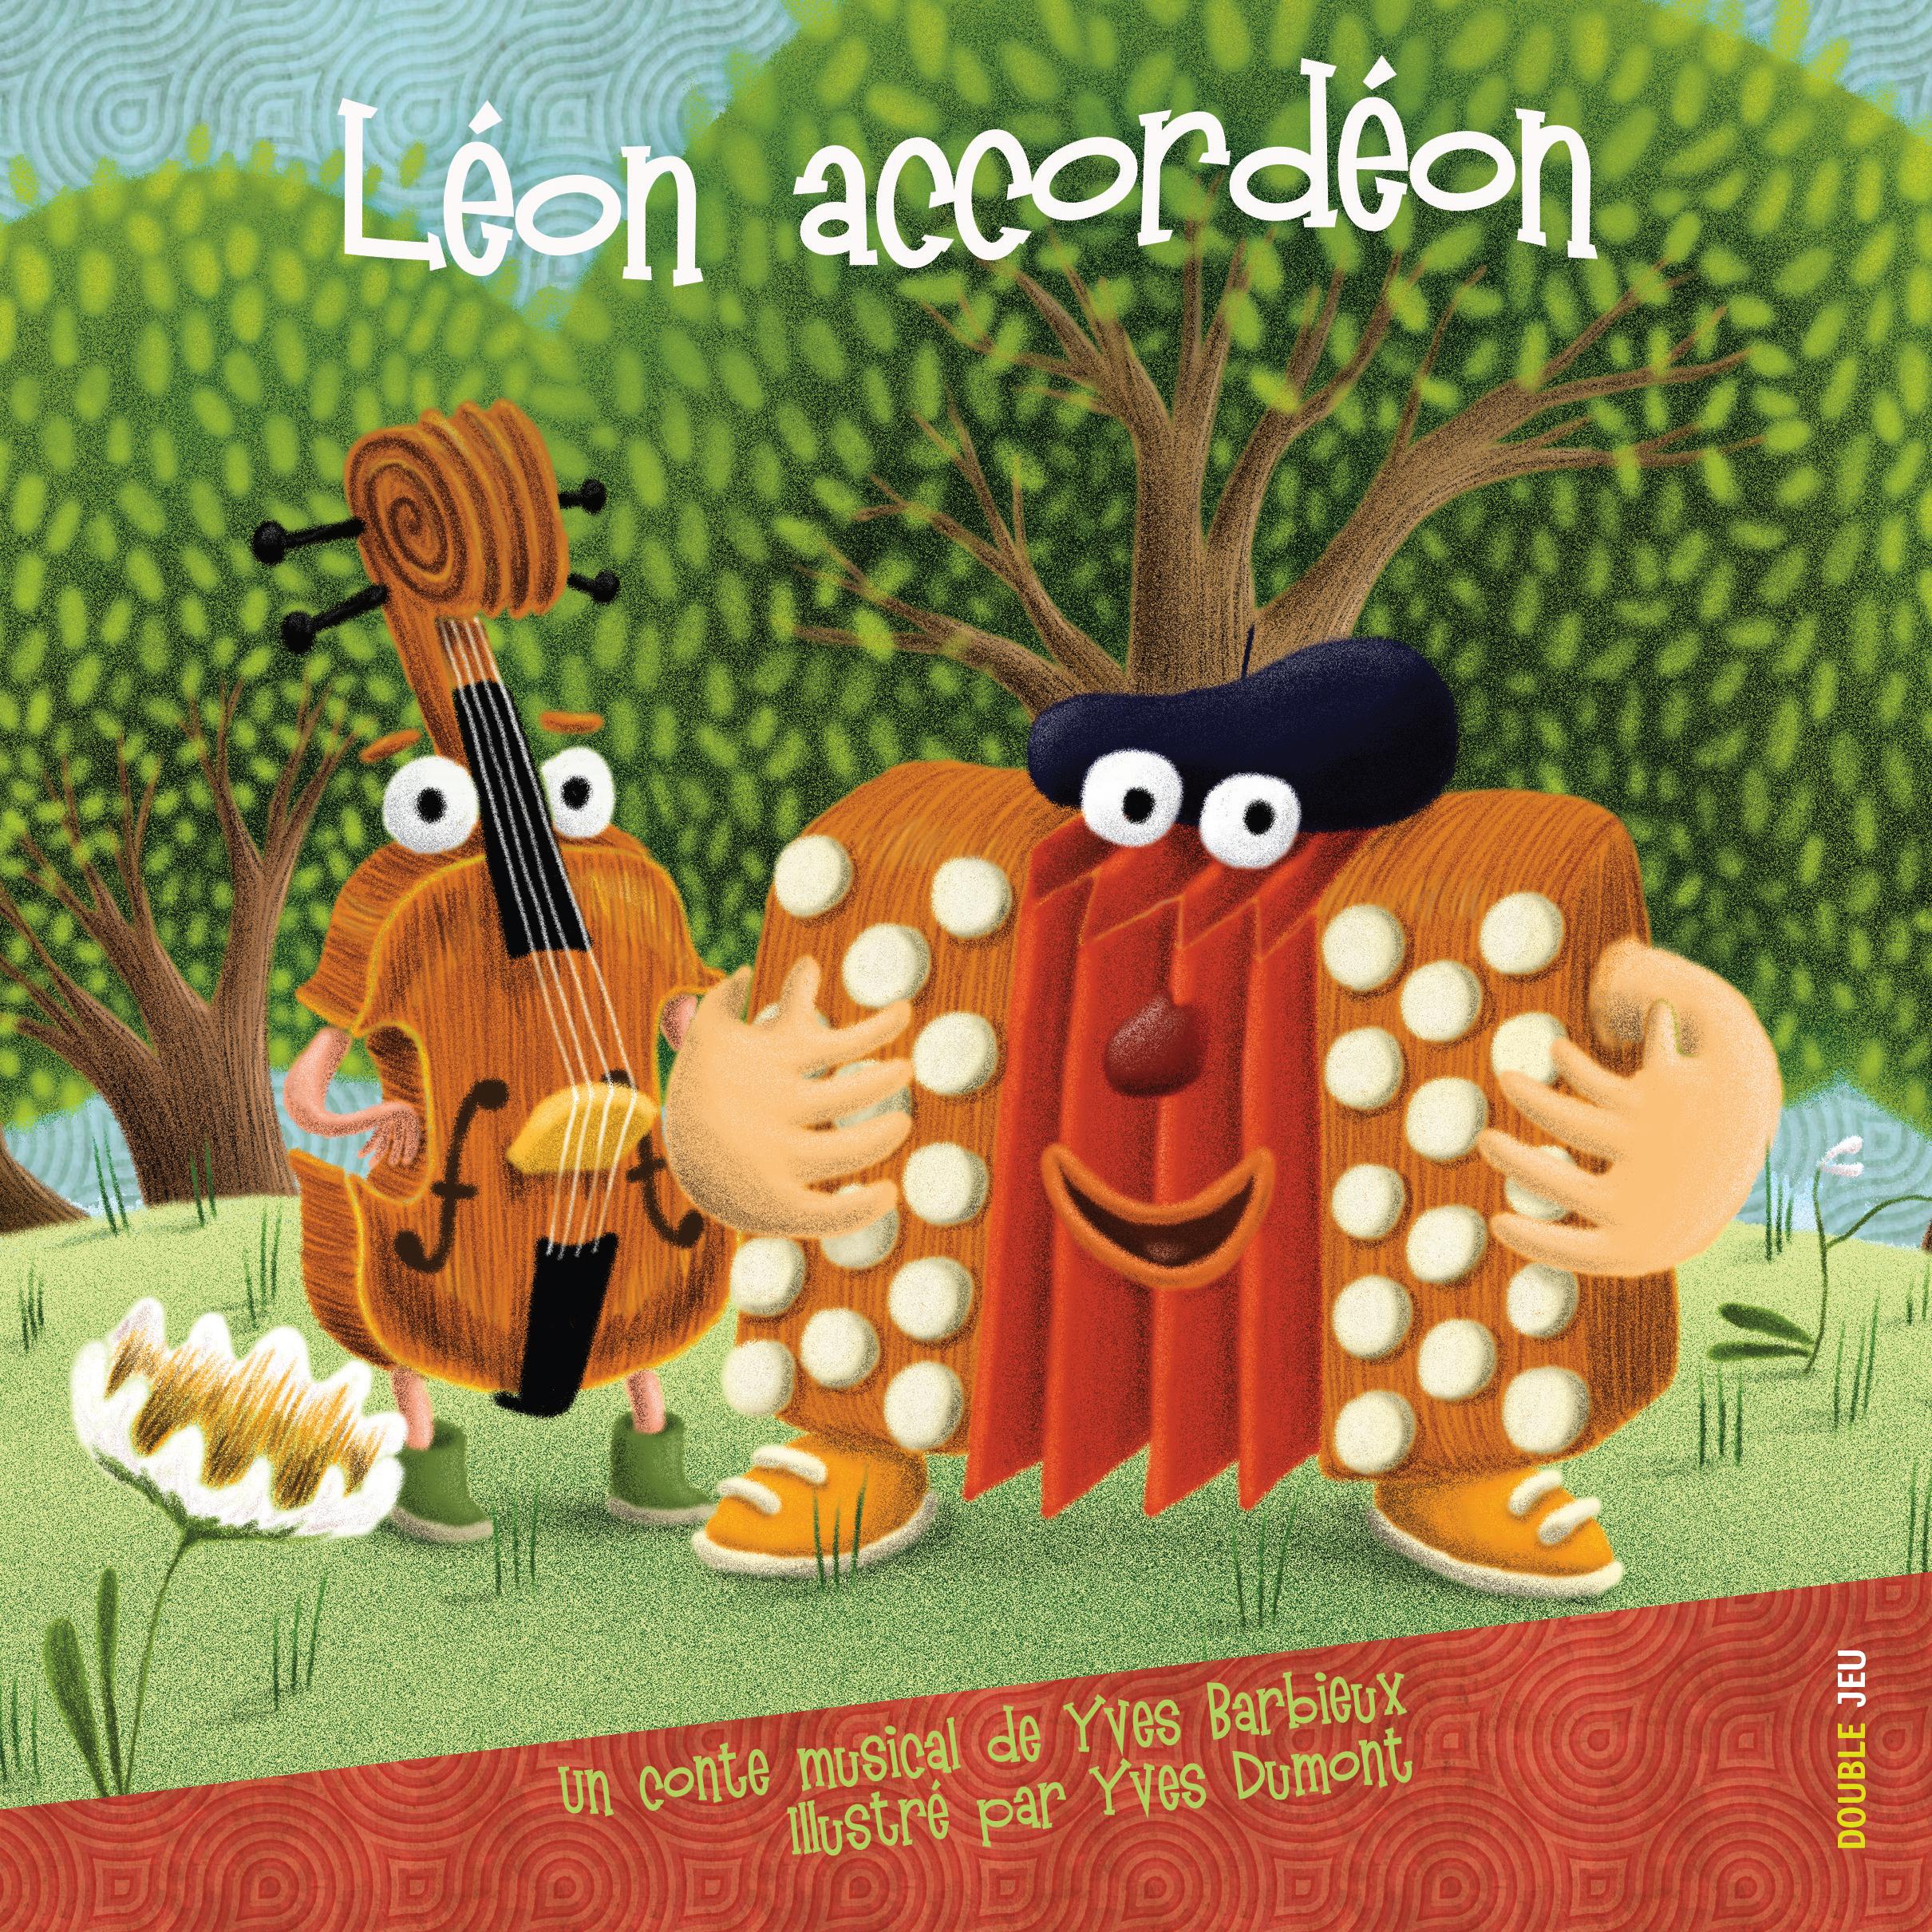 Léon accordéon